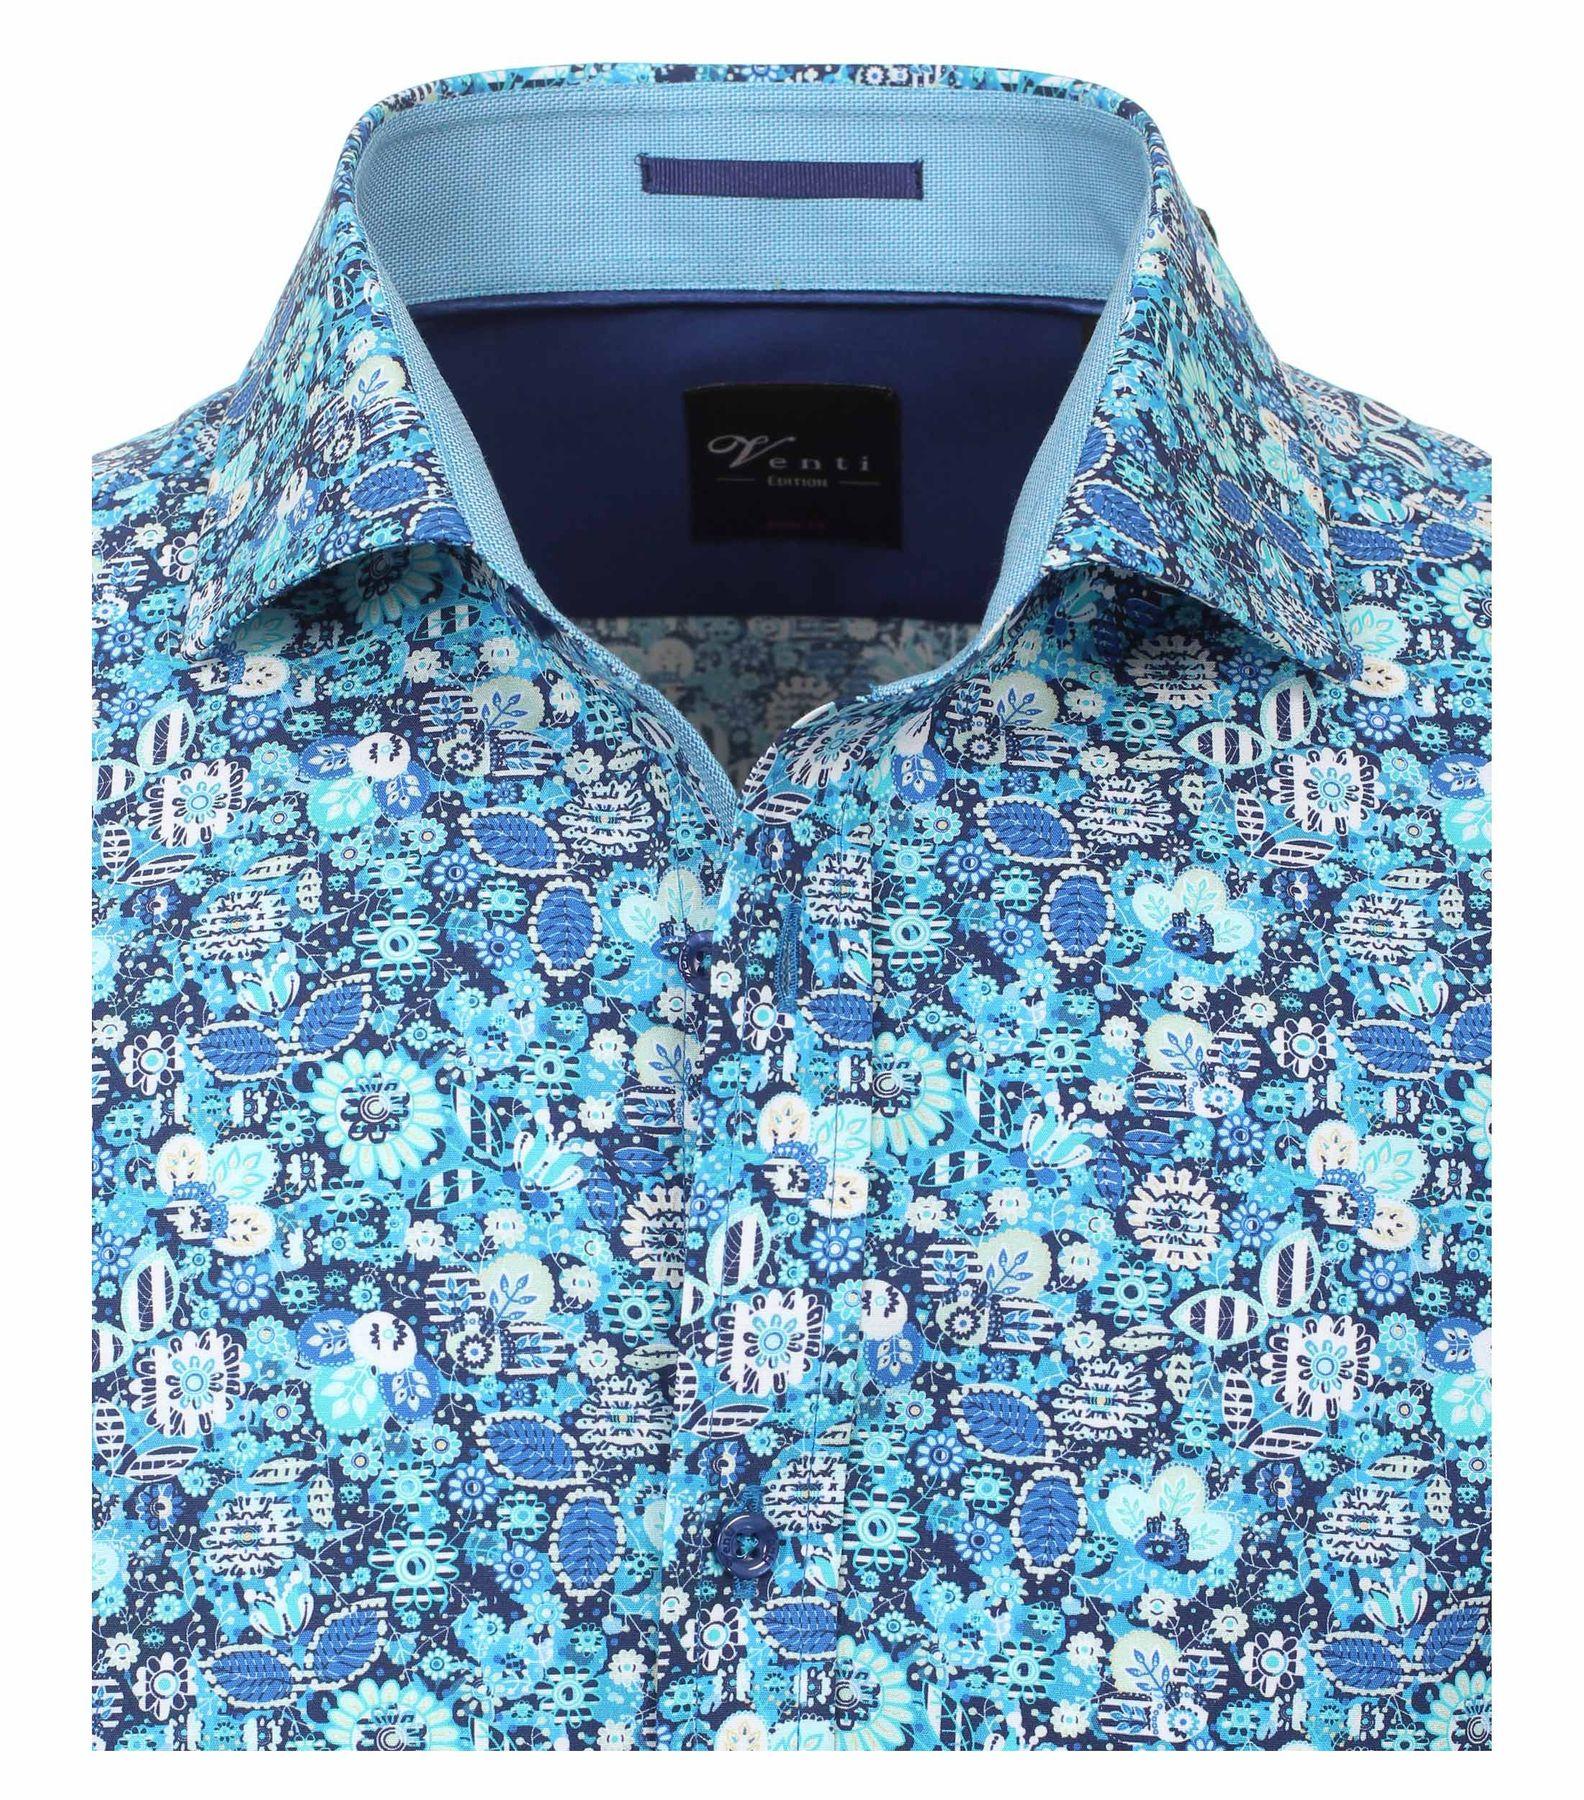 Venti - Body Fit - Herren Hemd mit modischem Druck aus 100% Baumwolle mit Hai Kragen (172667000) – Bild 3